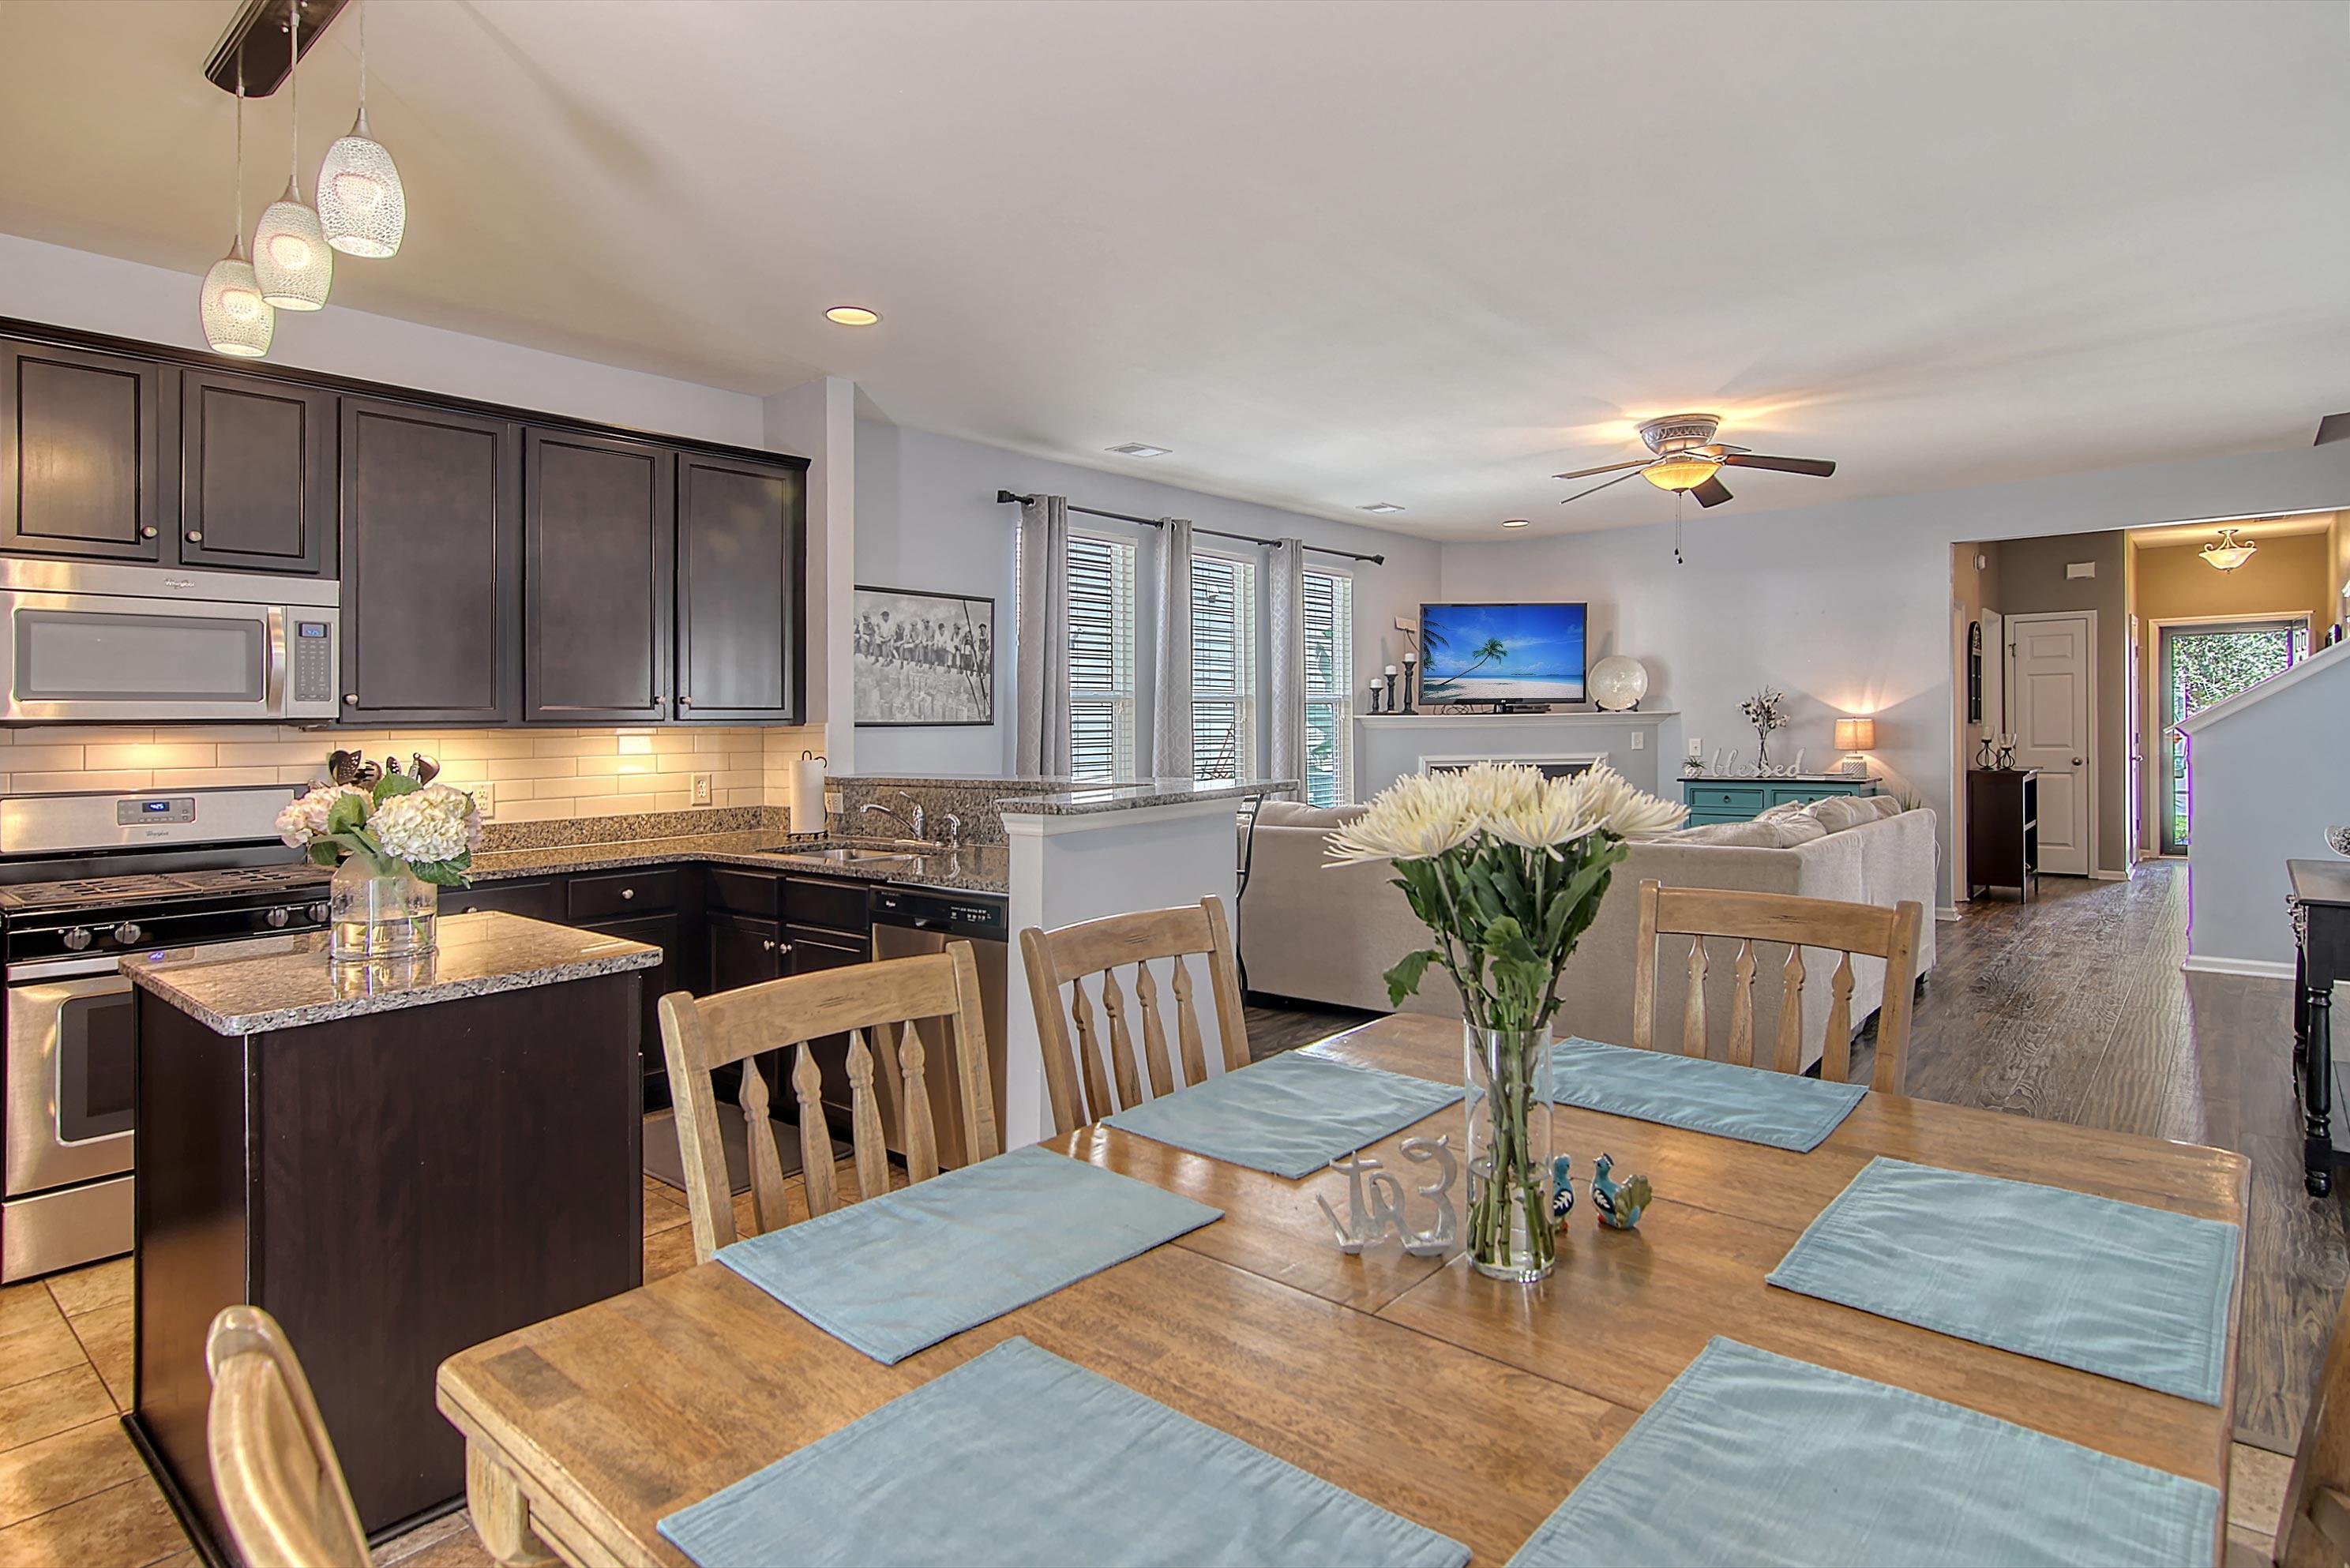 Lieben Park Homes For Sale - 3598 Franklin Tower, Mount Pleasant, SC - 11